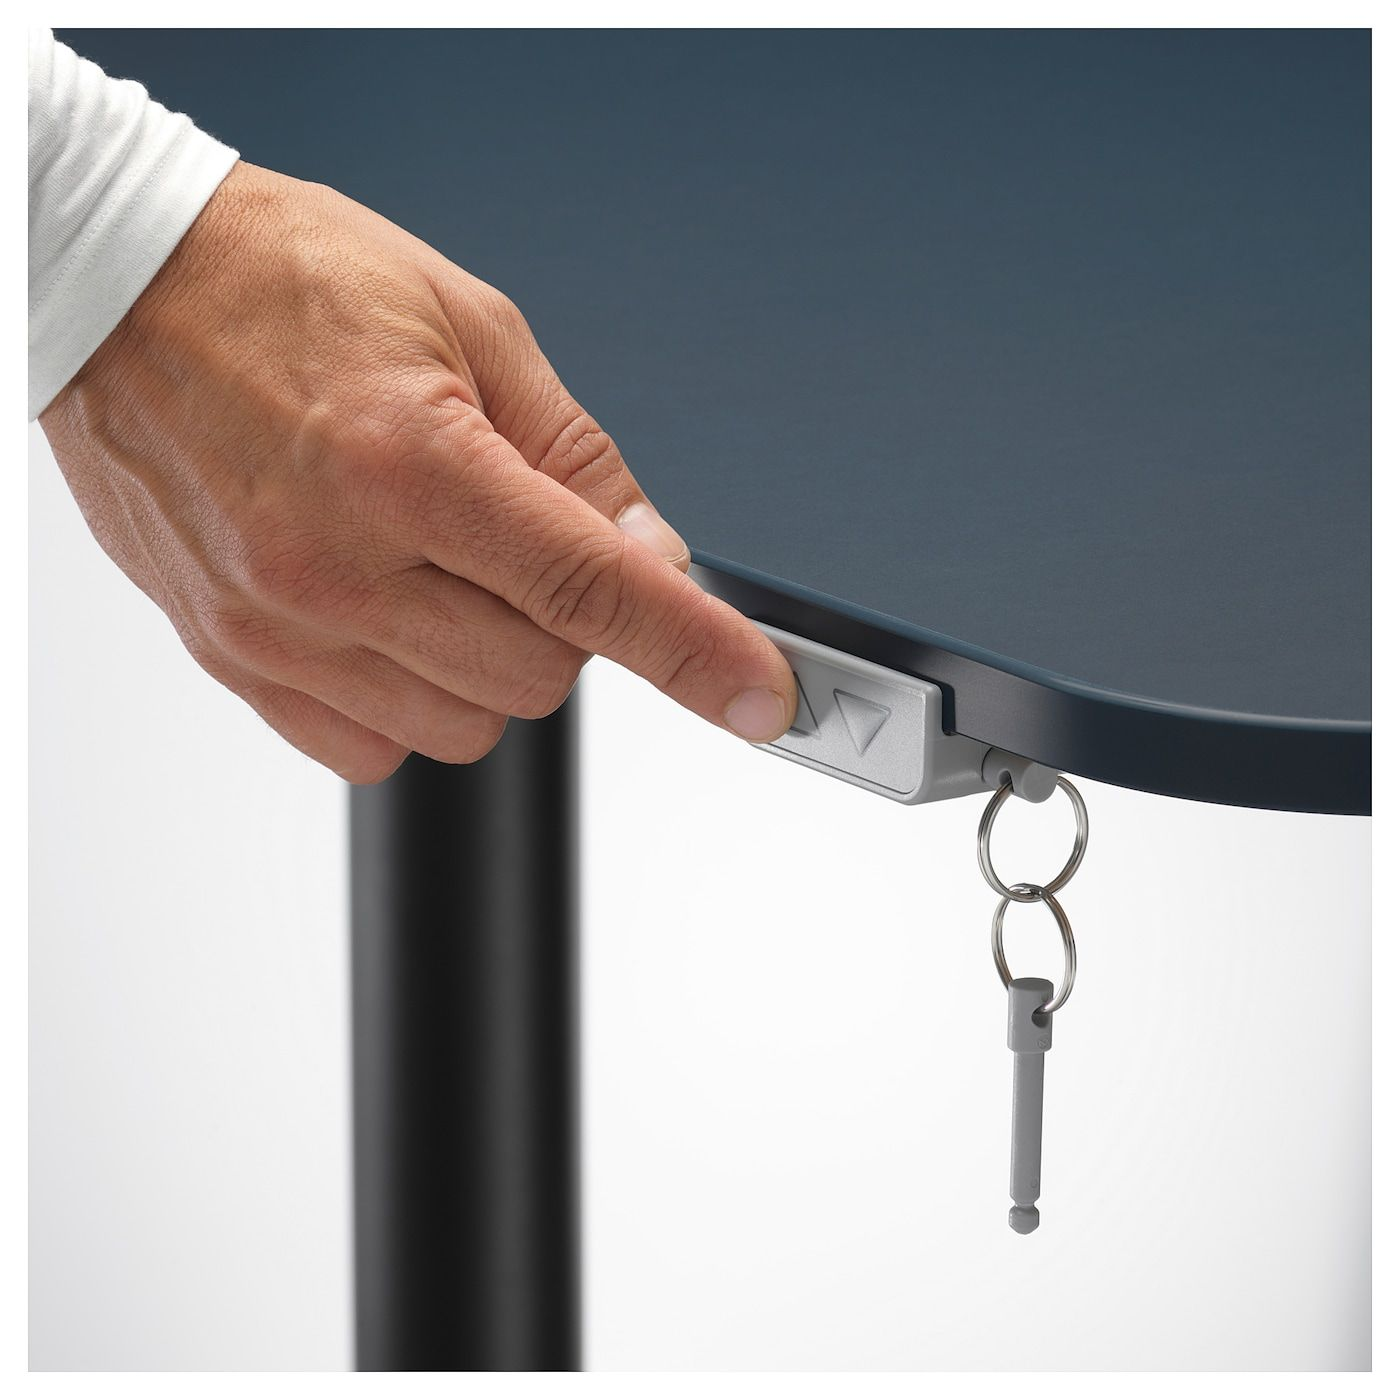 Bekant Ecktisch Links Sitz Steh Linoleum Blau Schwarz Ikea Osterreich Ecktisch Aufgeraumter Schreibtisch Und Ikea